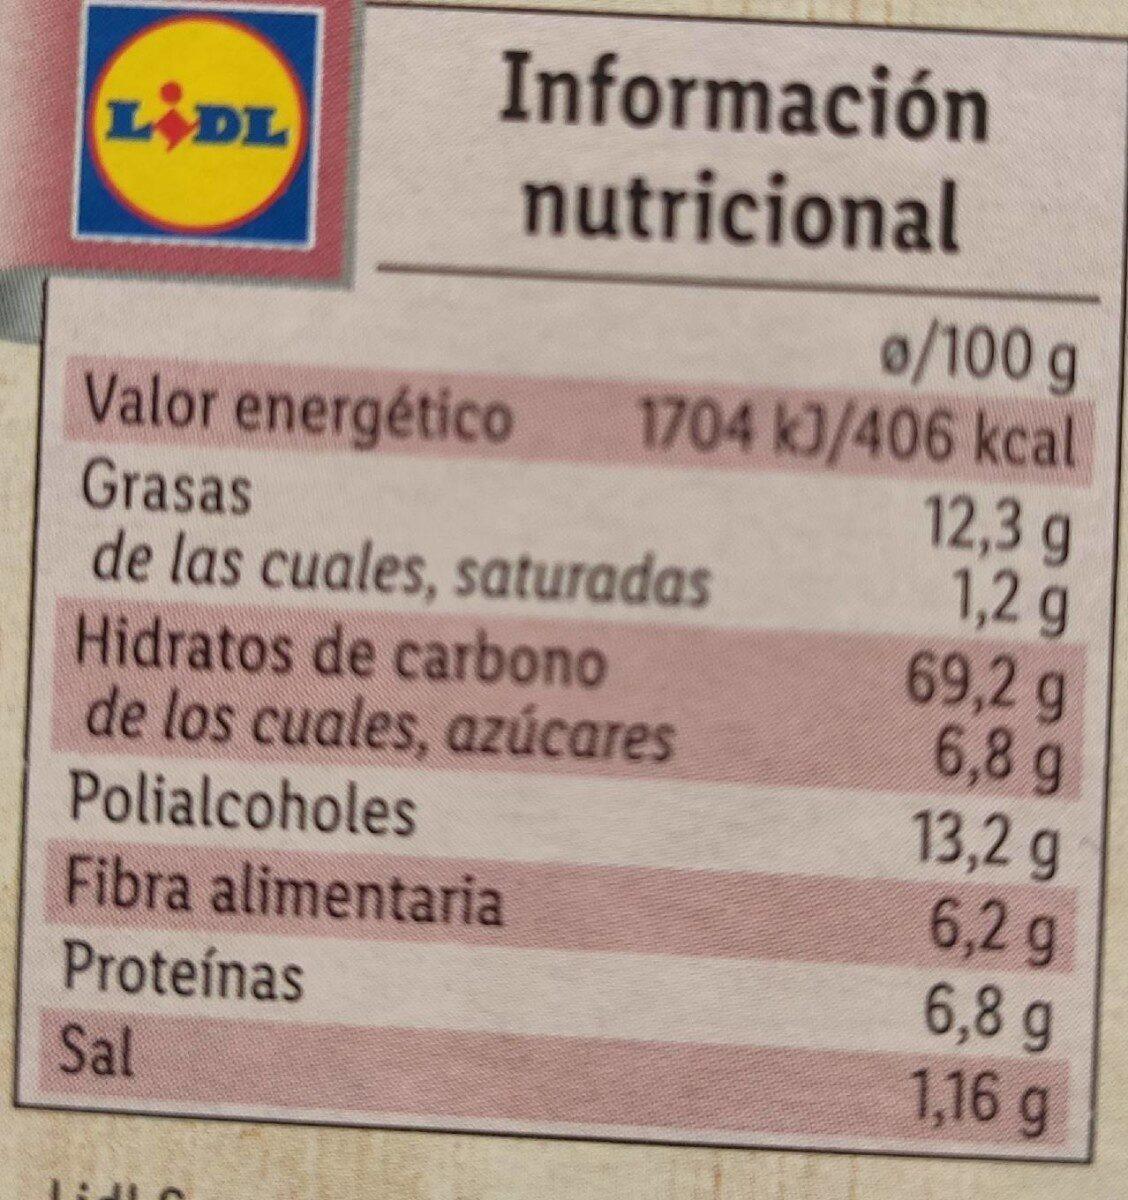 Galletas con cereales y arándanos - Información nutricional - es